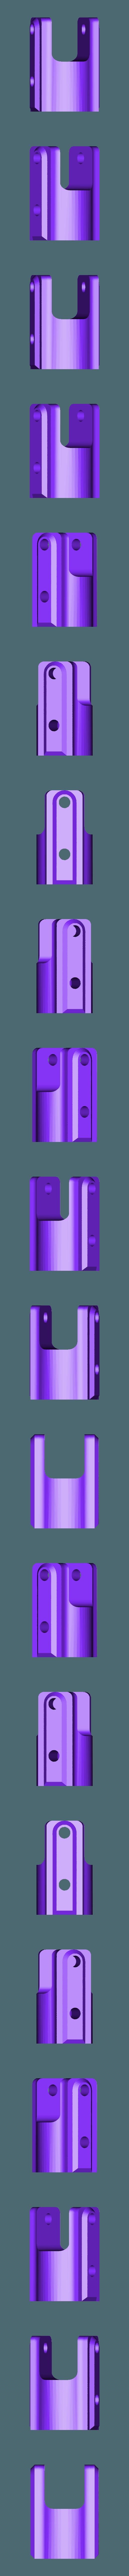 U-joint1_PIN.STL Télécharger fichier STL gratuit Camion imprimé : Arbre de transmission • Plan imprimable en 3D, MrCrankyface